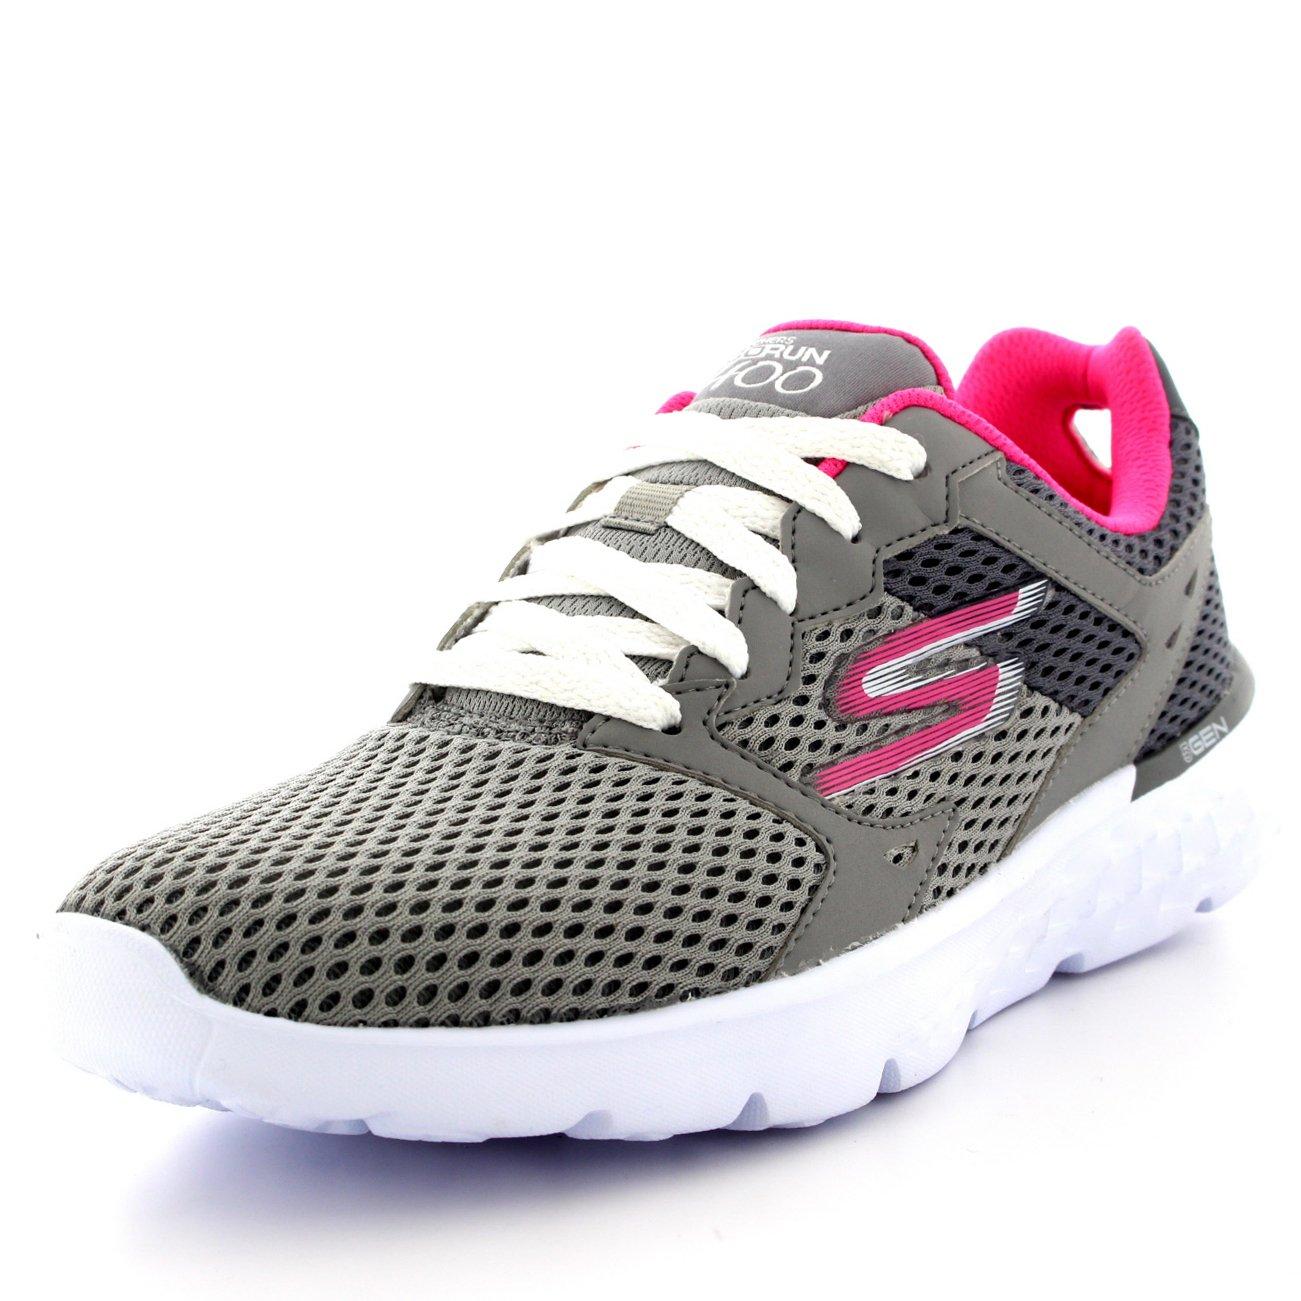 Buy Skechers Women's Sneakers at Amazon.in